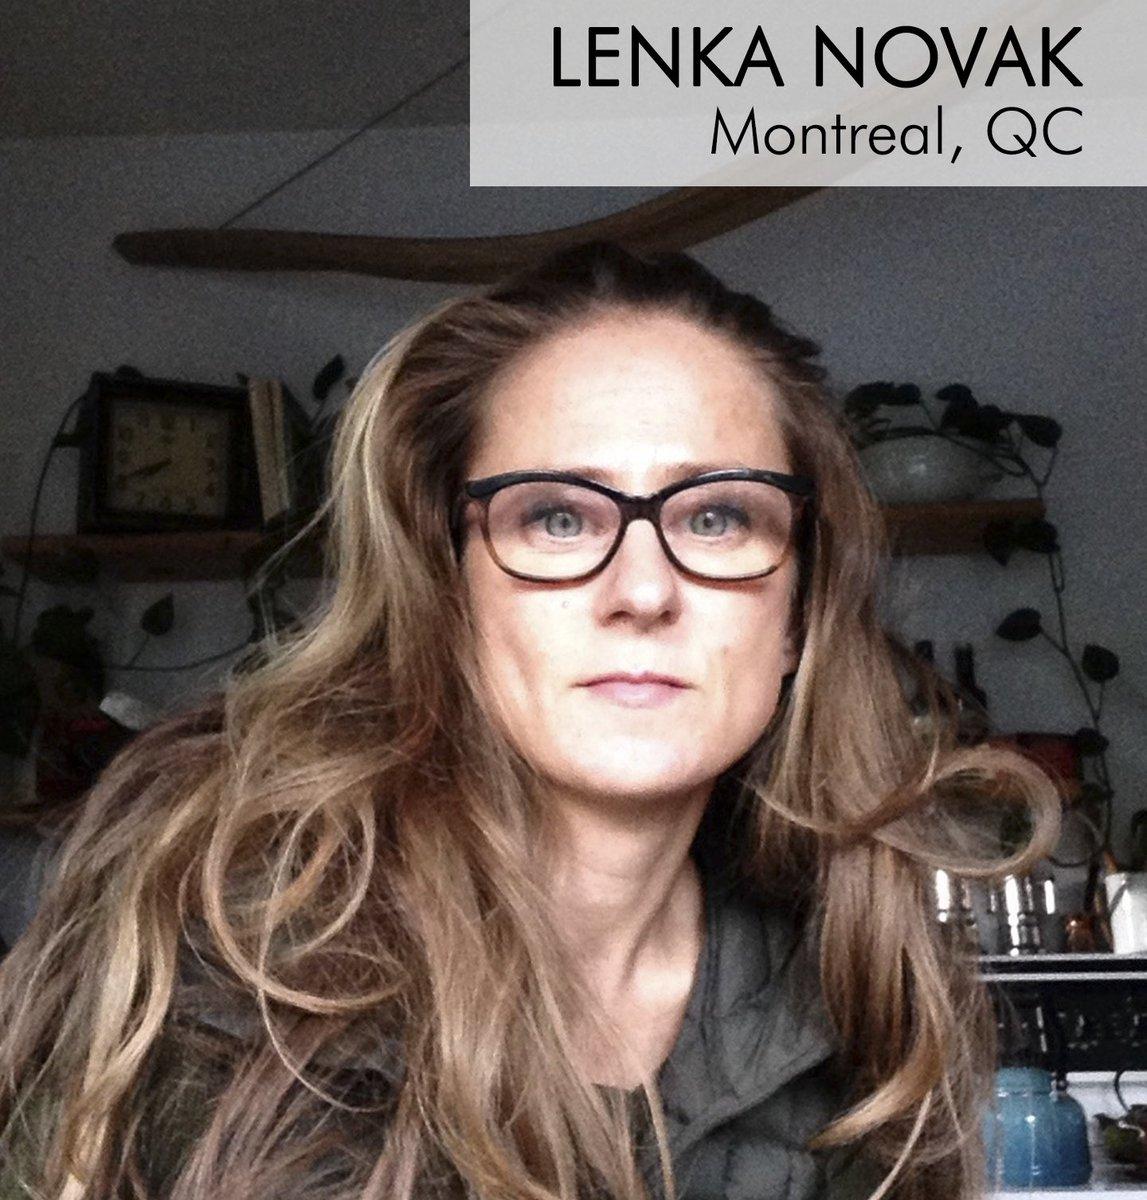 Lenka Novak